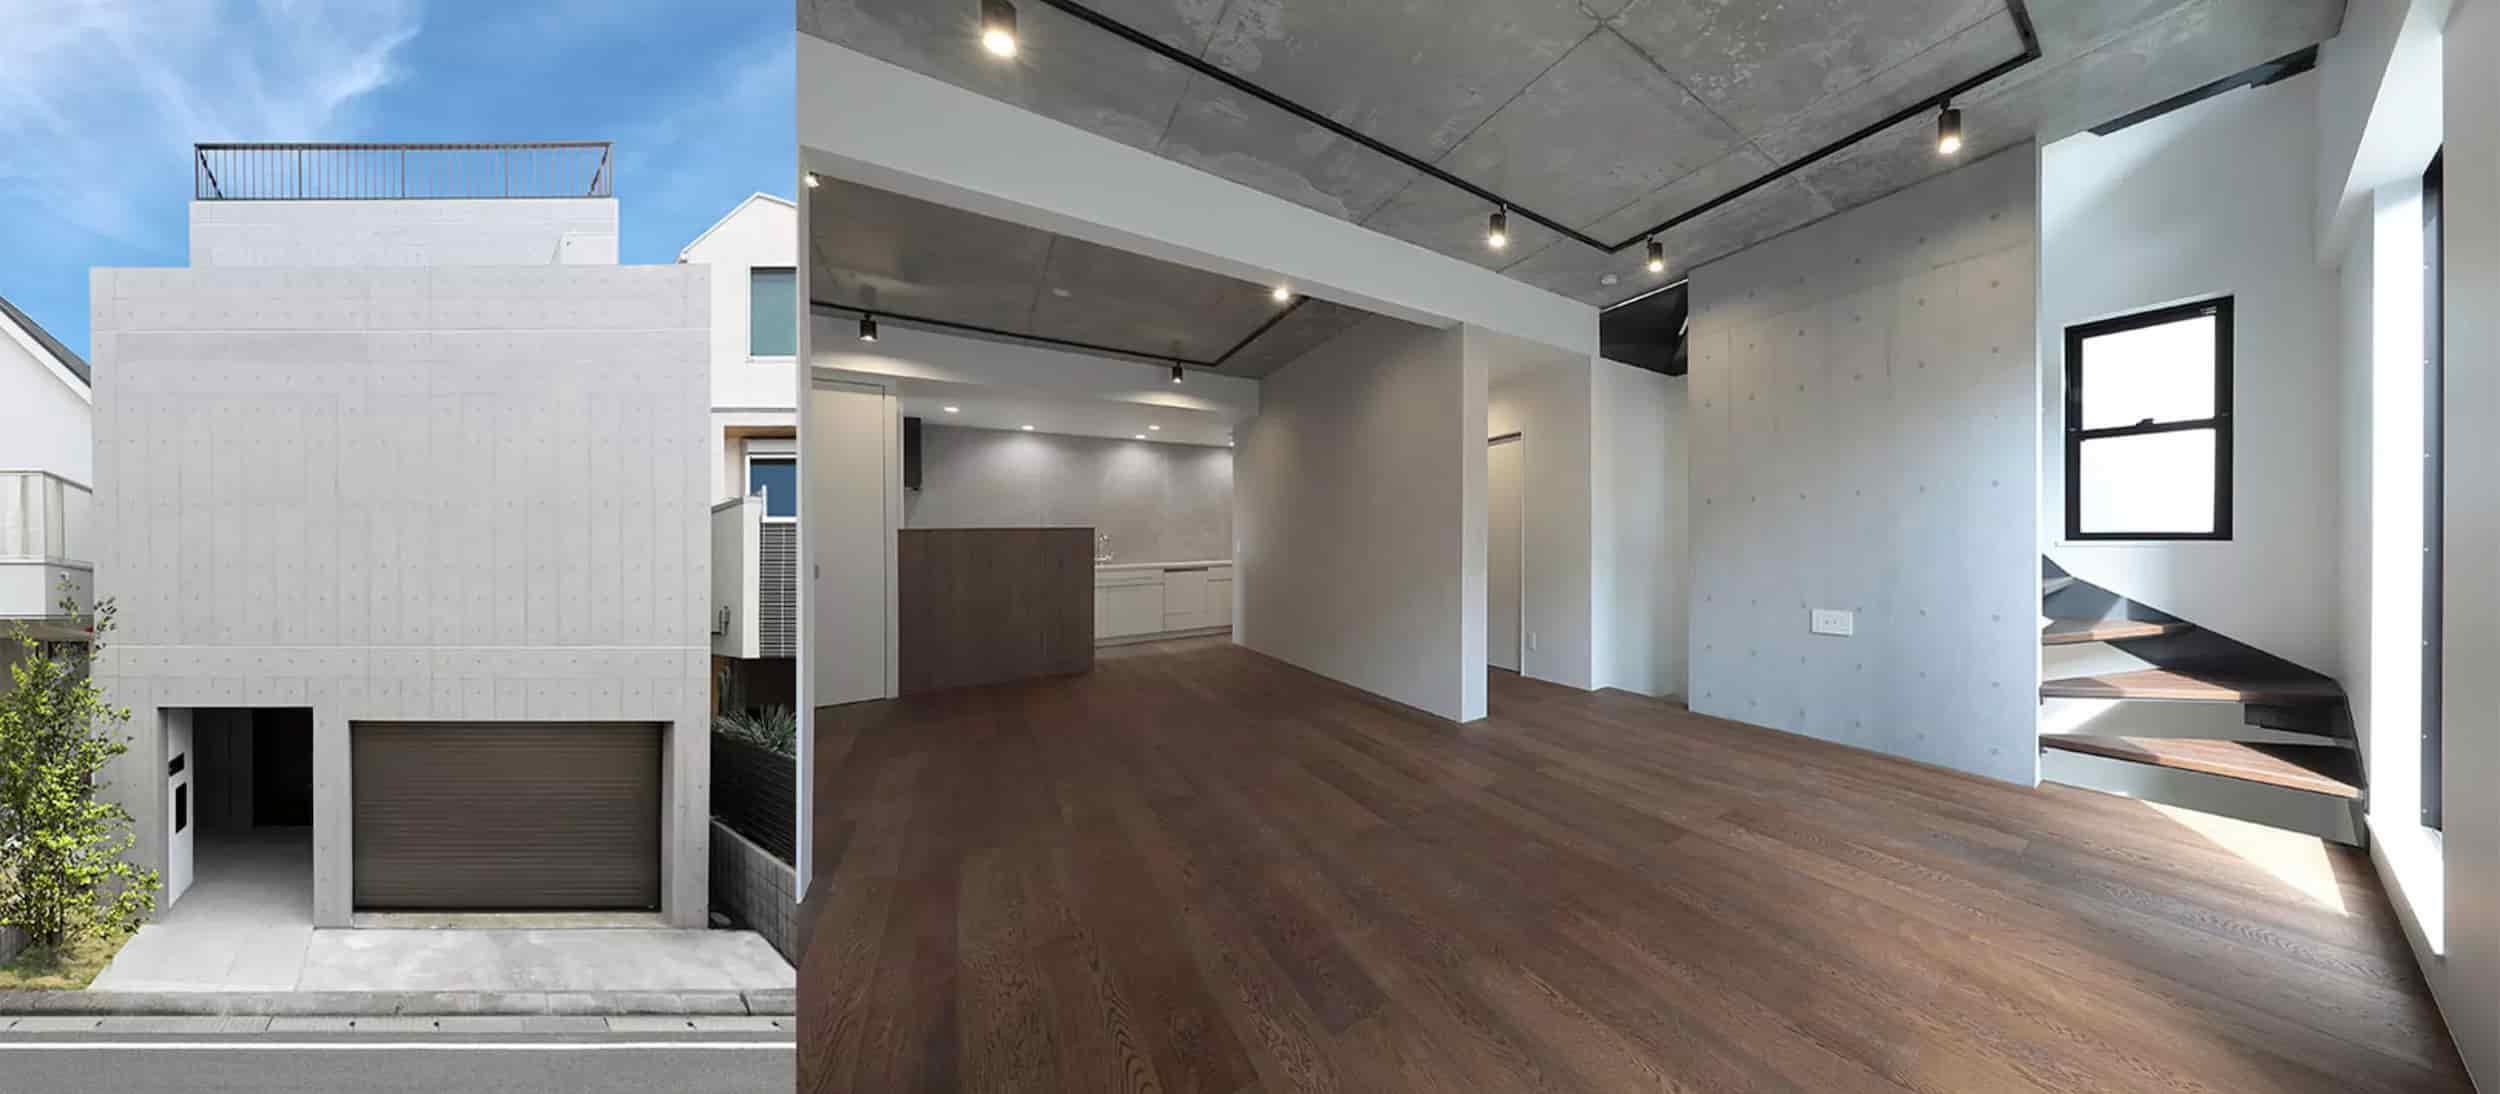 【新築】ホビールームで暮らしをカスタム。こだわりと思い出を取り入れた、二人の新しい空間へ